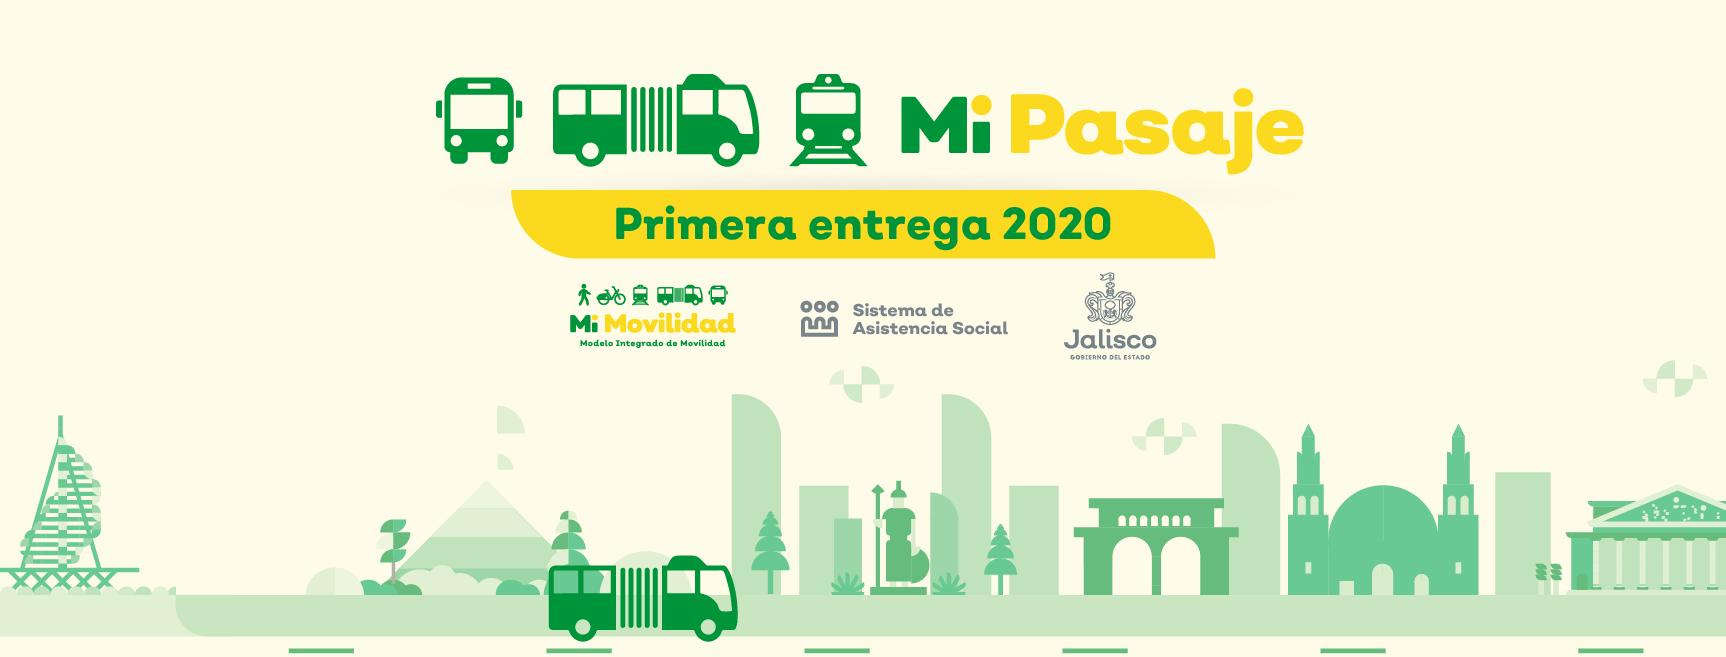 PRIMER ENTREGA DE MI PASAJE 2020 A